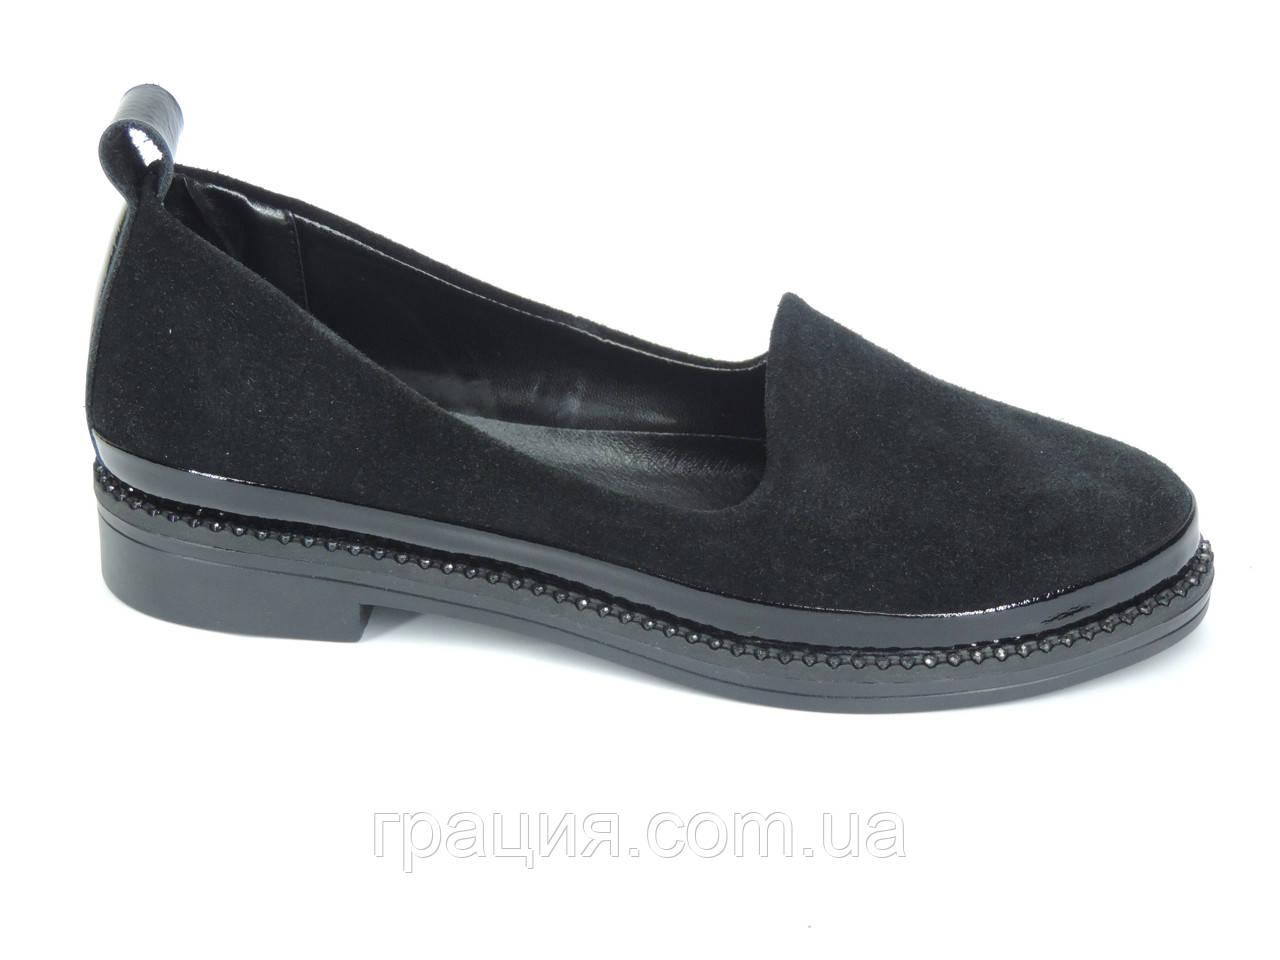 Модні жіночі замшеві туфлі